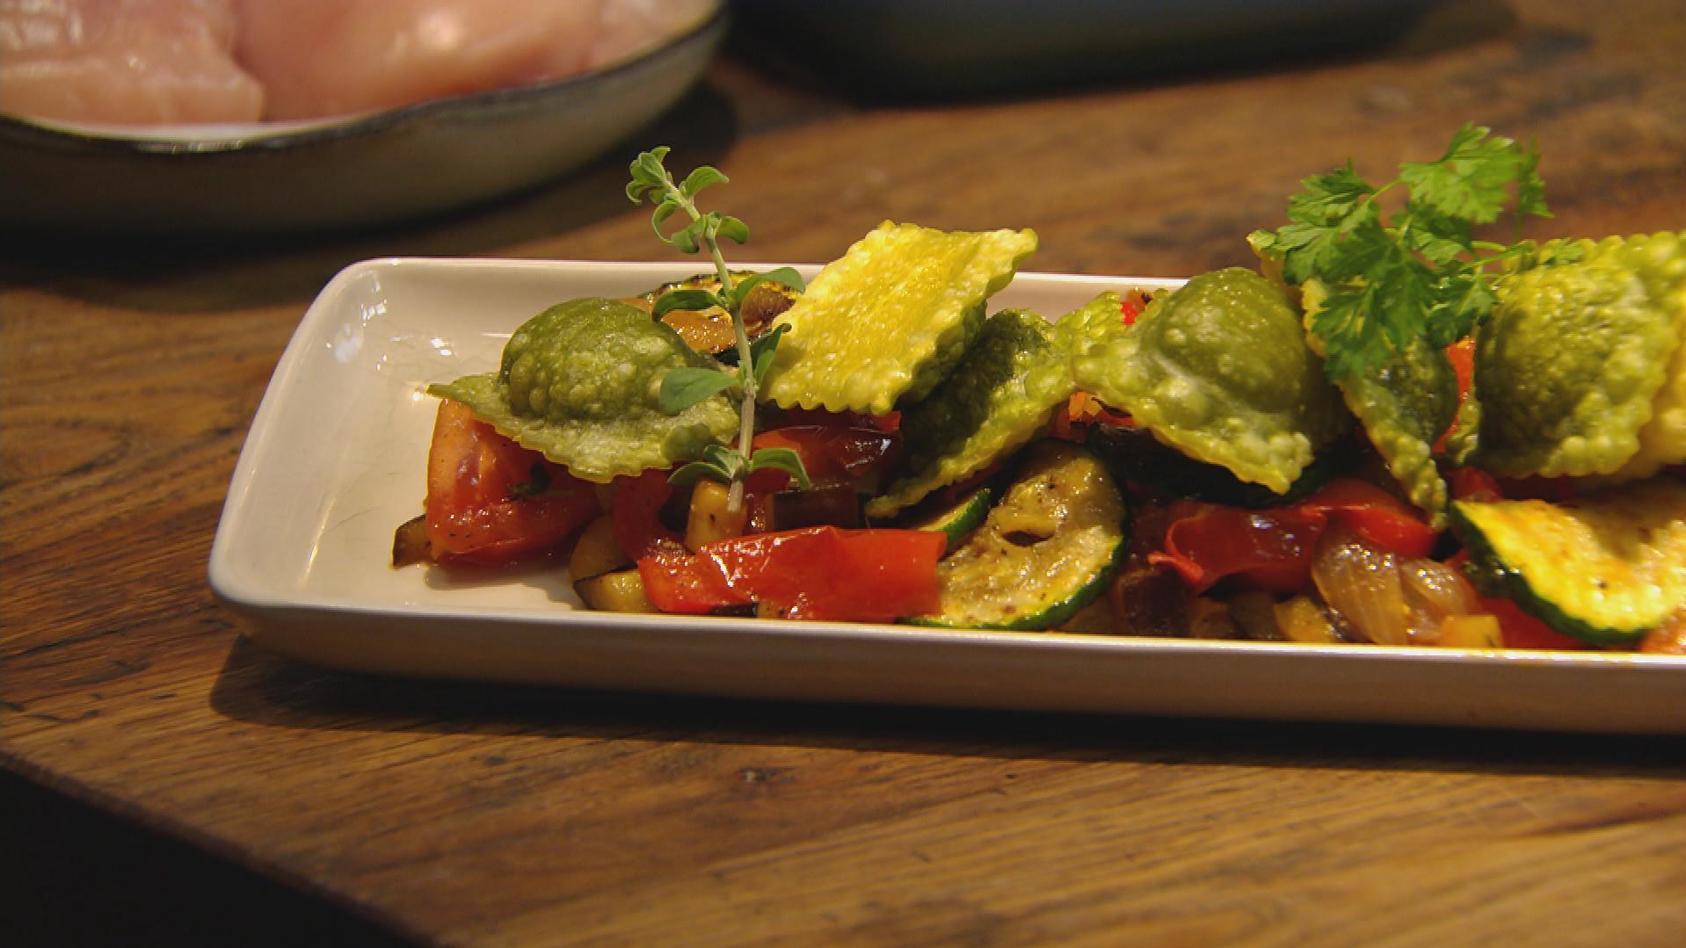 Herzhaft zubeißen – Alles was knuspert und knackt: Knusper-Ravioli auf Gemüsebett